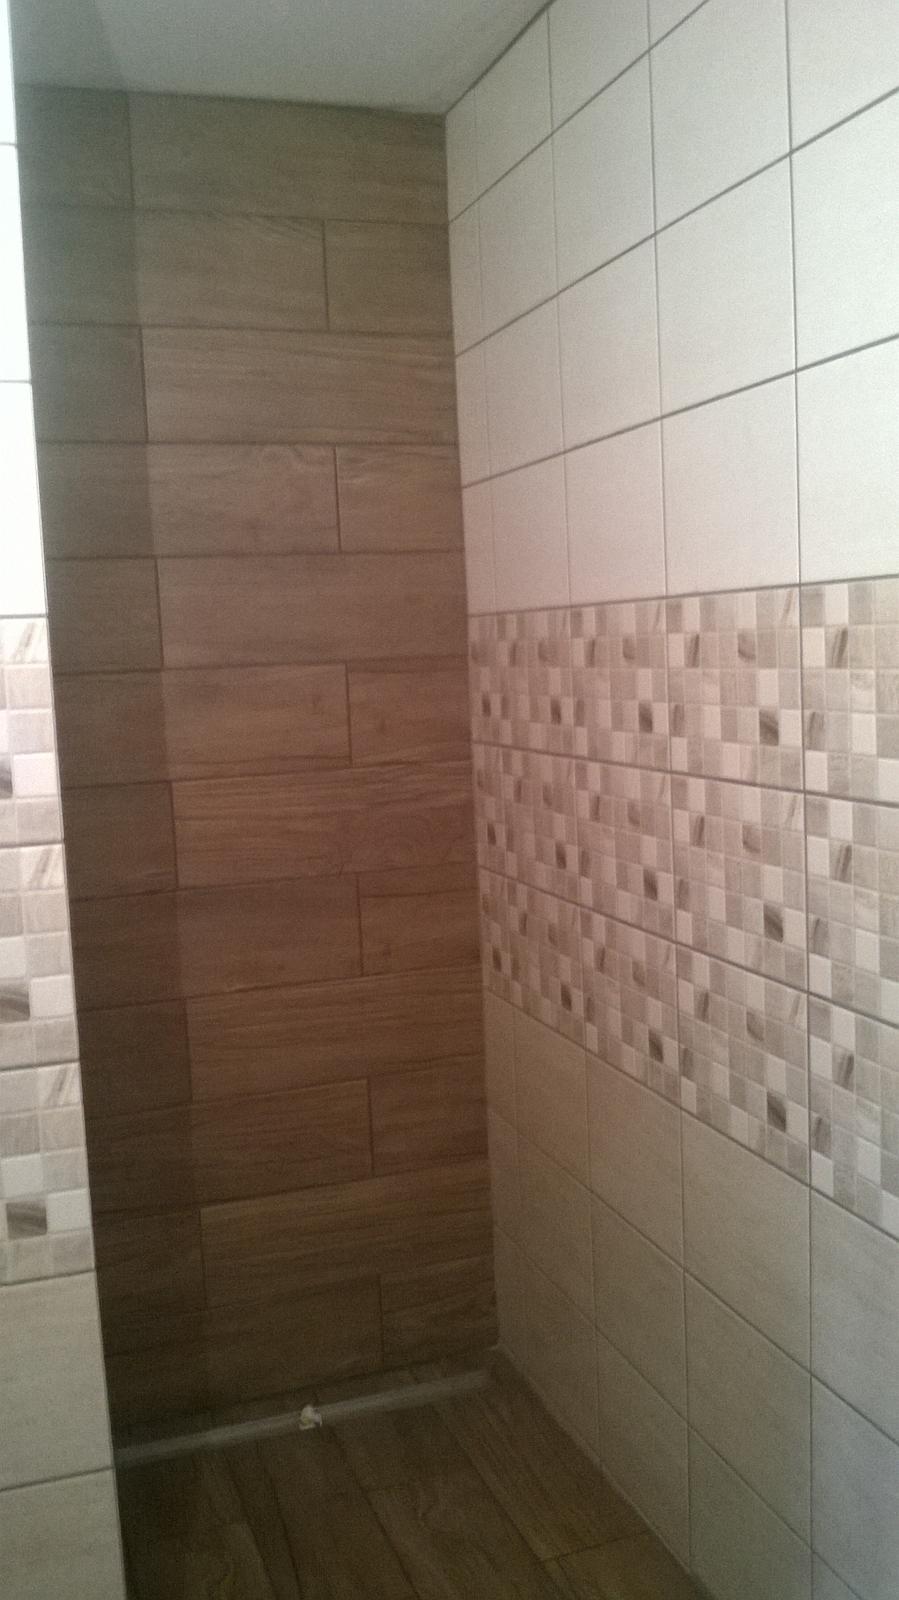 Stavba pasivního domu - Sprcha. Panel bude umsítěn z boku, aby voda necákala na skleněné dveře. Je to lepší na údržbu (od ségry vím, že vodní kámen se ze skla špatně odstraňuje).